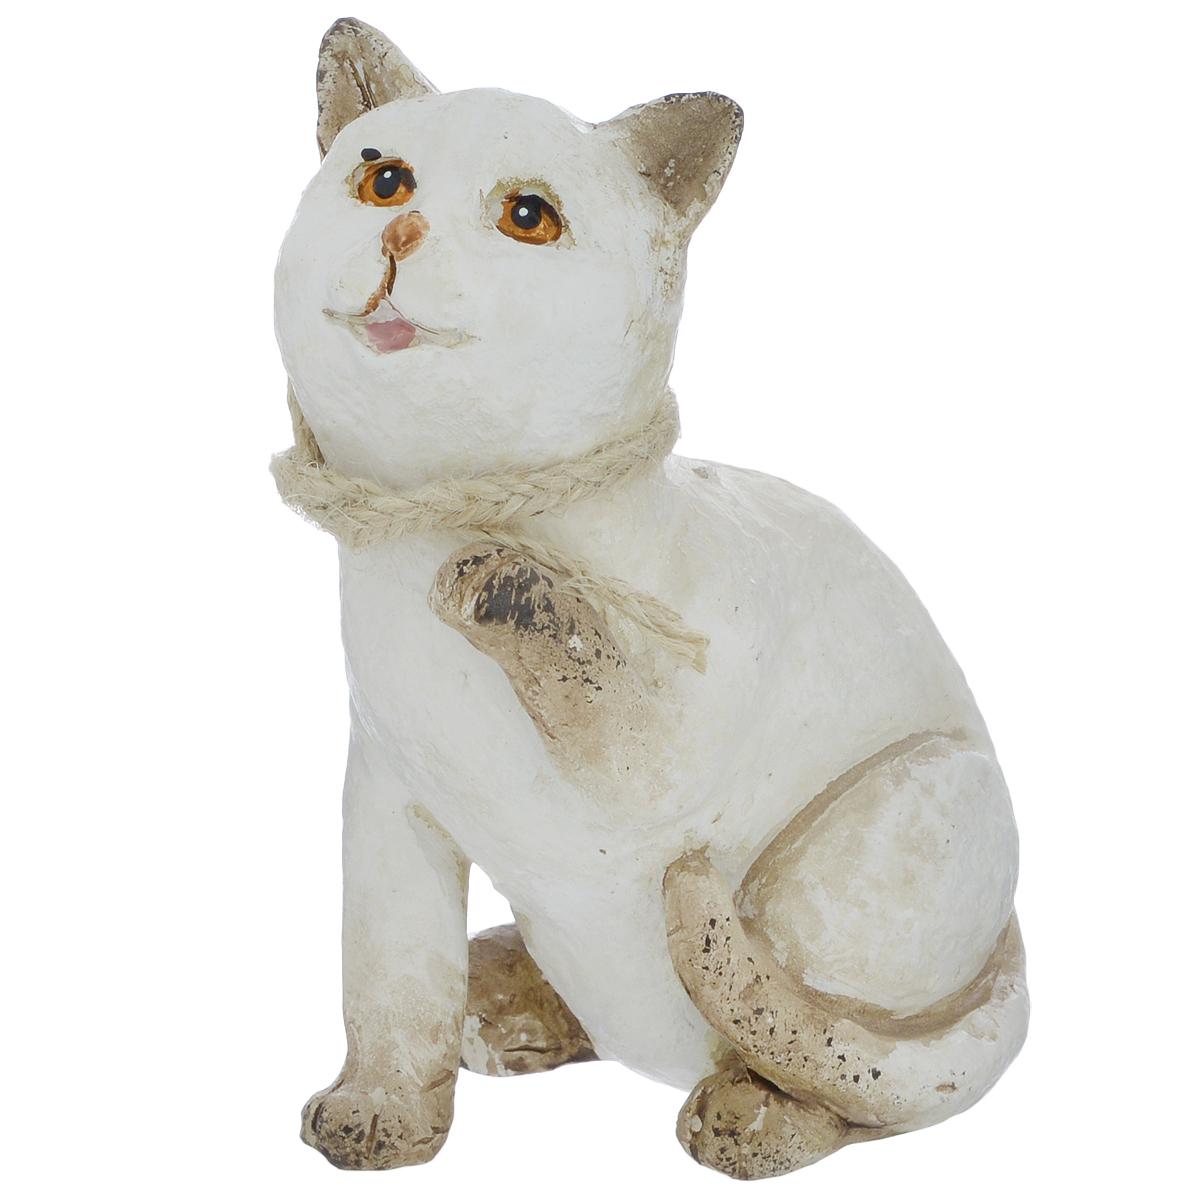 Фигурка декоративная Molento Белая кошечка, высота 11 см549-209Декоративная фигурка Molento Белая кошечка, изготовленная из полистоуна, позволит вам украсить интерьер дома, рабочего кабинета или любого другого помещения оригинальным образом. Изделие выполнено в виде кошки. Вы можете поставить фигурку в любом месте, где она будет удачно смотреться, и радовать глаз. Кроме того, фигурка Белая кошечка станет чудесным сувениром для ваших друзей и близких. Размер фигурки: 8,5 см х 6 см х 11 см.